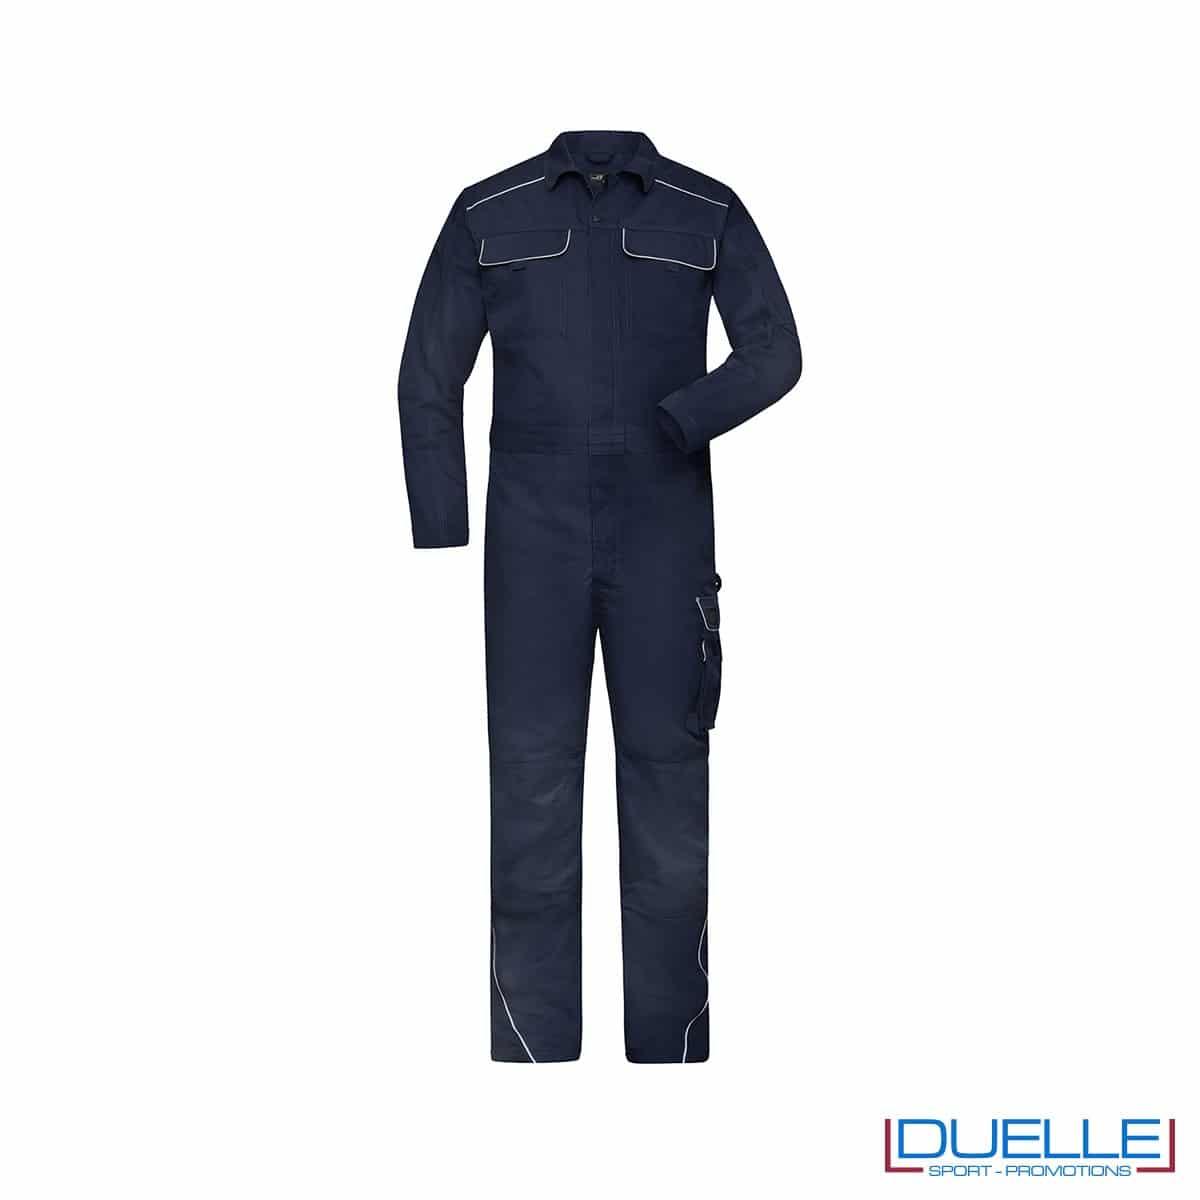 tura da lavoro personalizzata in colore blu navy